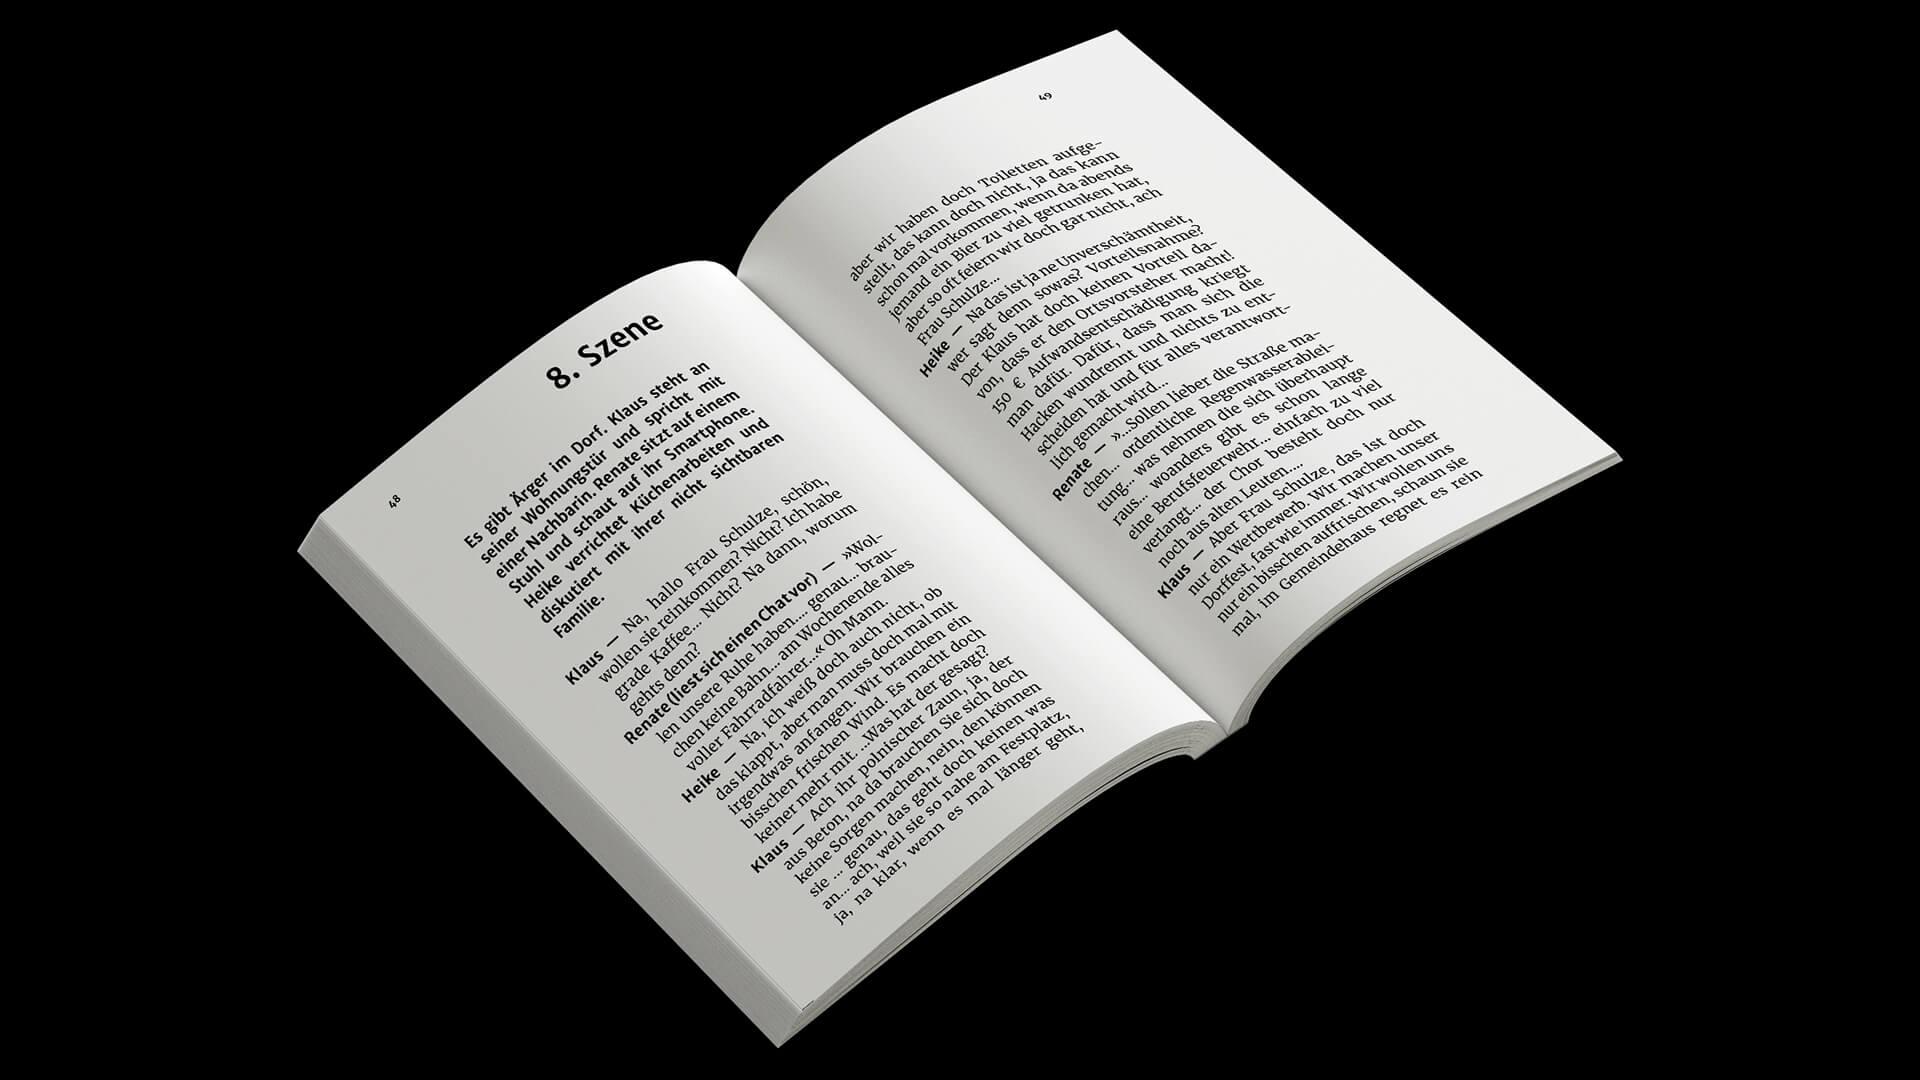 Denken & Handeln, Fine Heininger, Buchgestaltung, Cover, Innensatz, Typografie, Layout, Reinzeichnung, Druckvorstufe, Aufland Verlag, Andreas Neufeld, Die Kümmerer